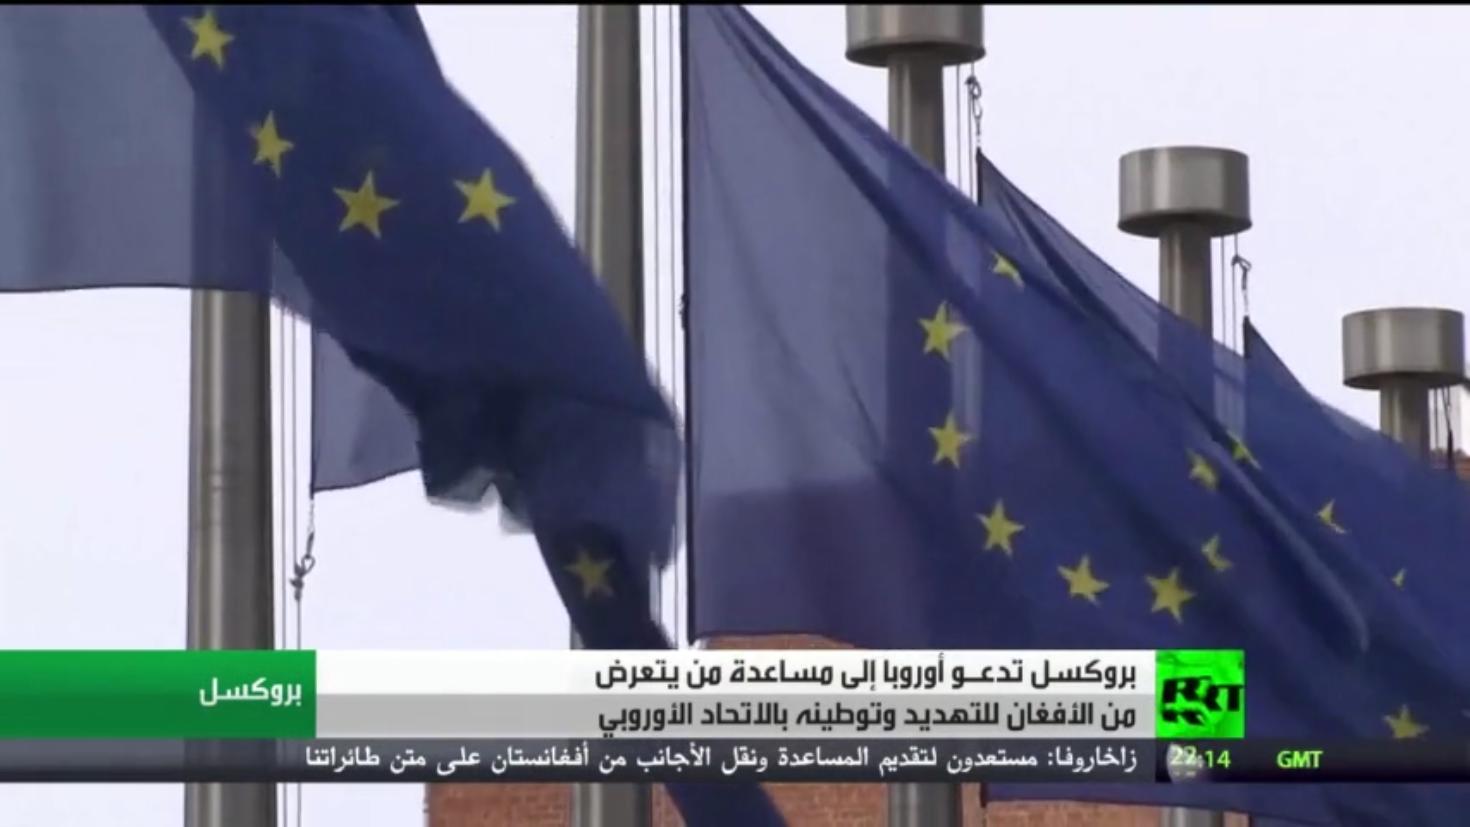 بروكسل تدعو أوروبا لاستقبال اللاجئين الأفغان